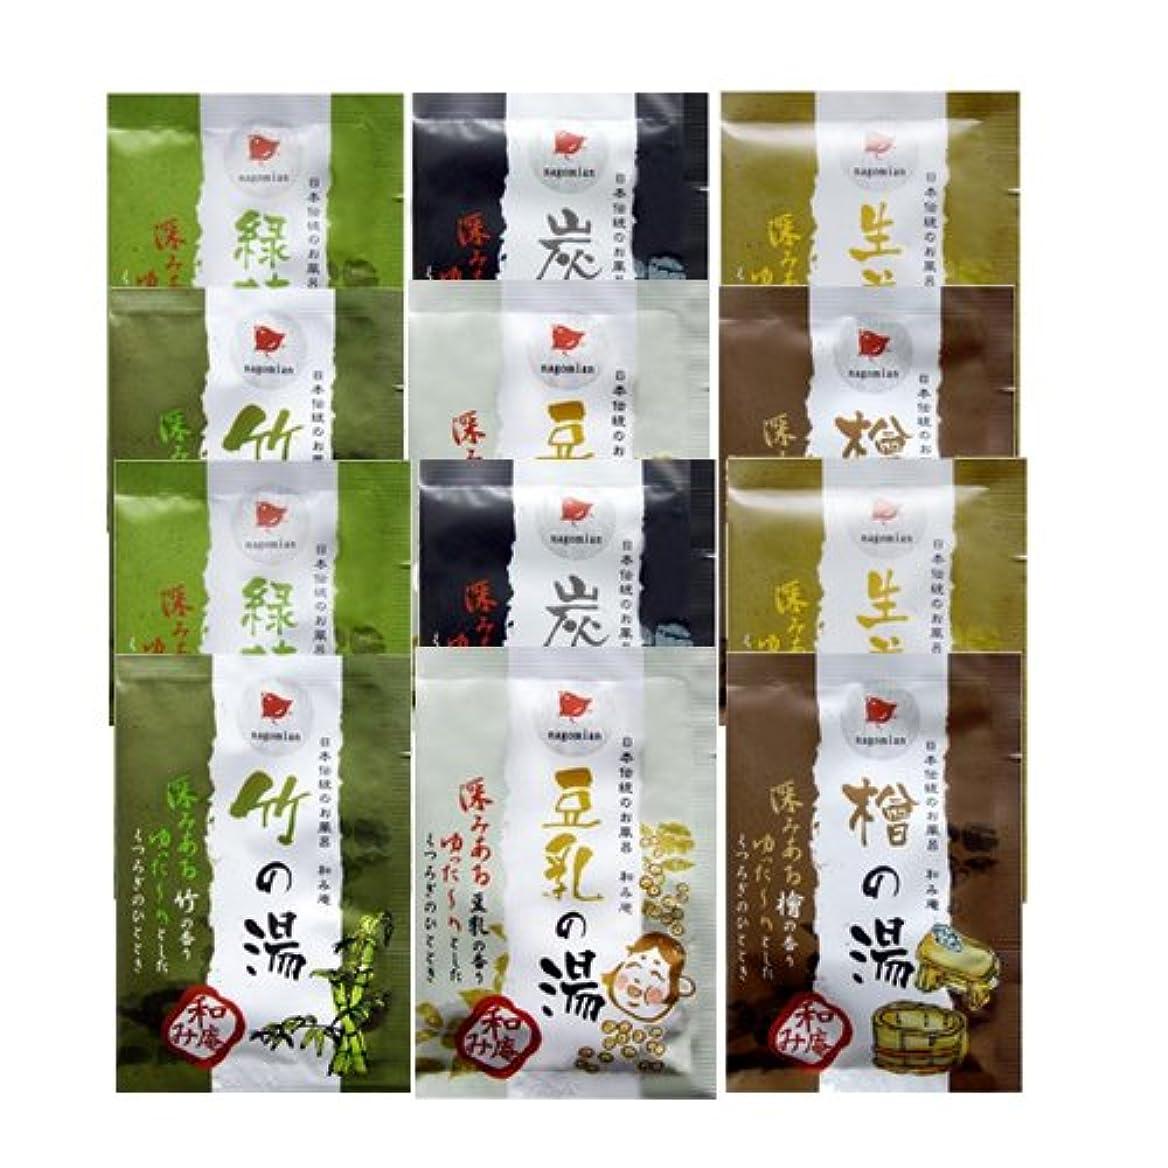 区別する好きである国家日本伝統のお風呂 和み庵 6種類×2個セット(計12包)